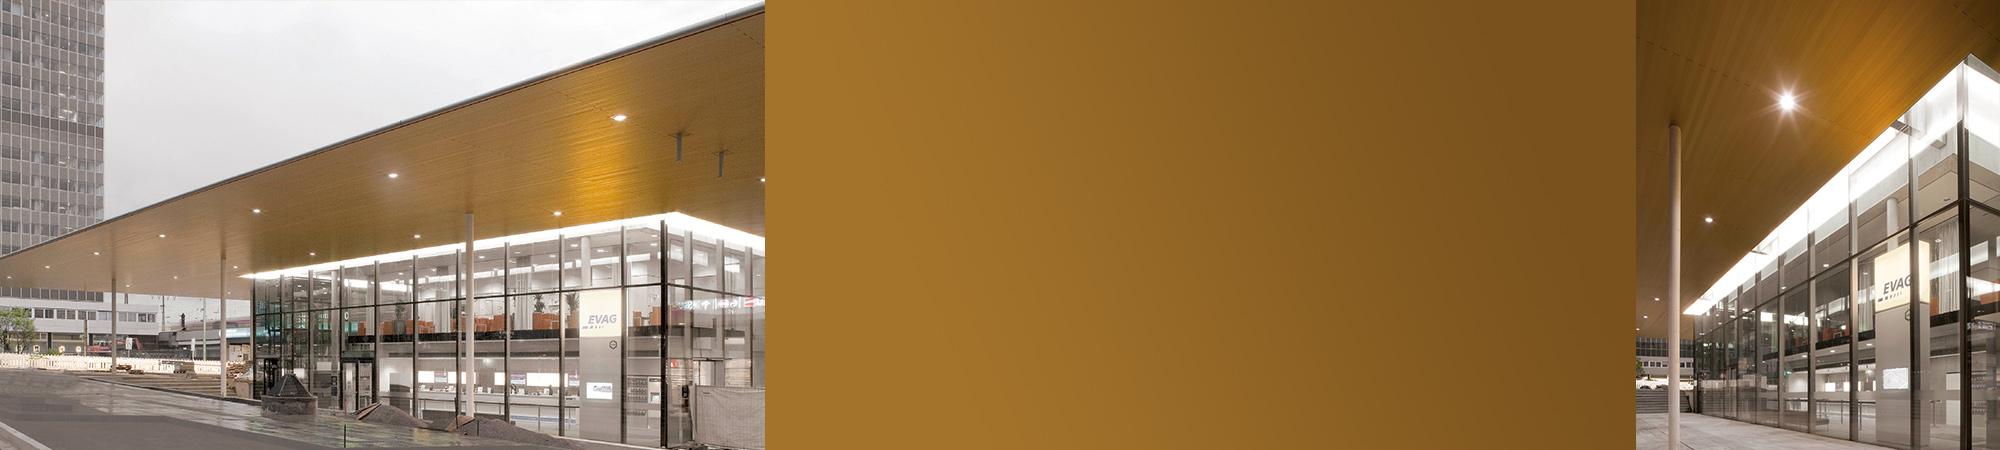 goldenes Dach von Essen HBF